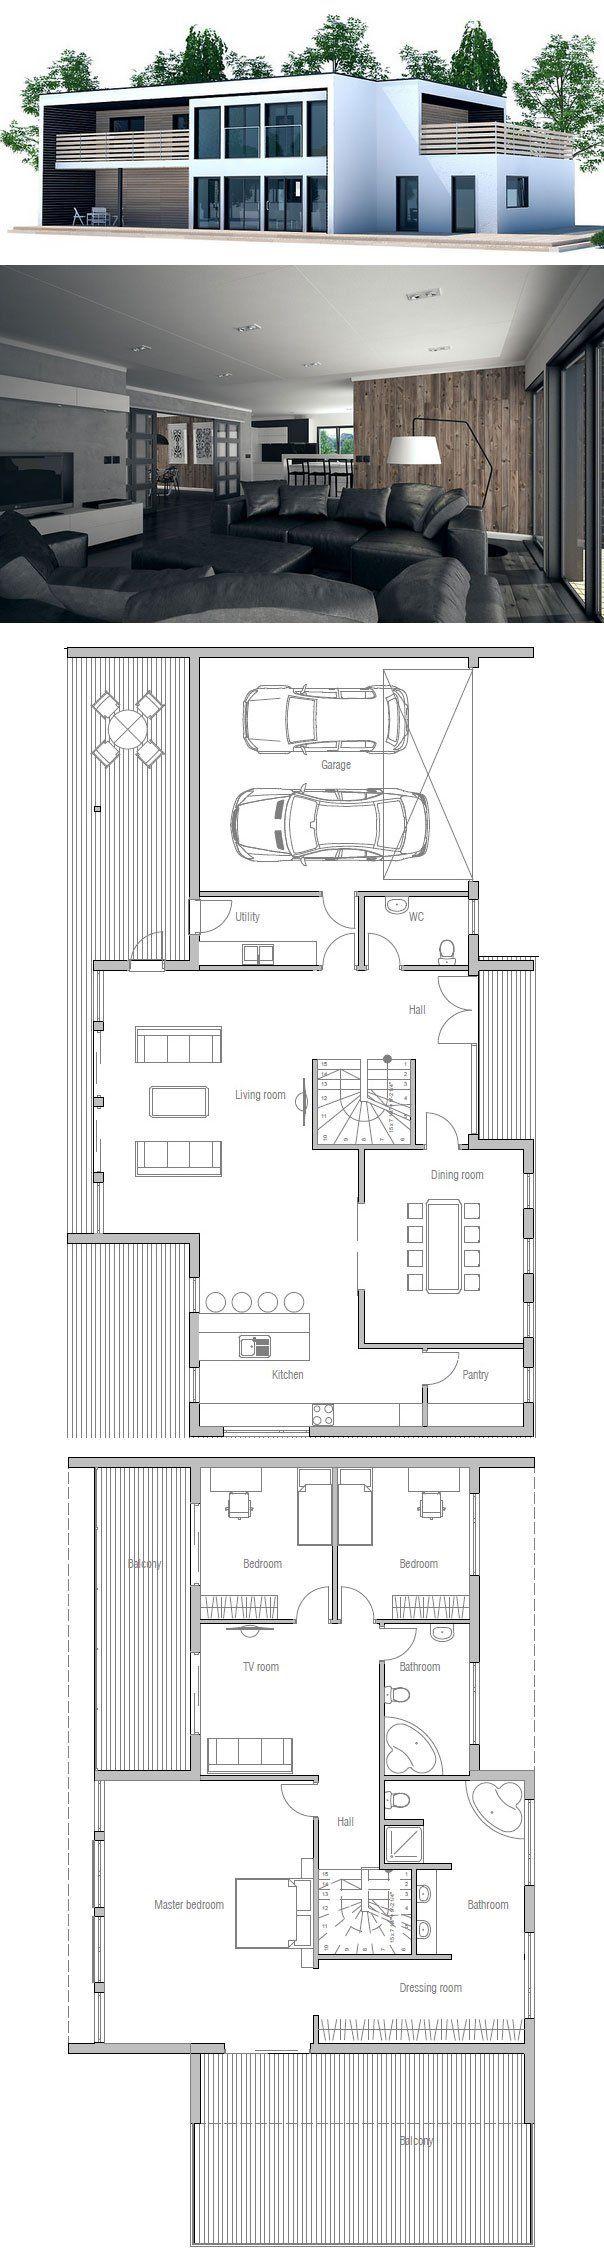 Large Contemporary House Plan. More ...repinned Für Gewinner!   Jetzt Gratis